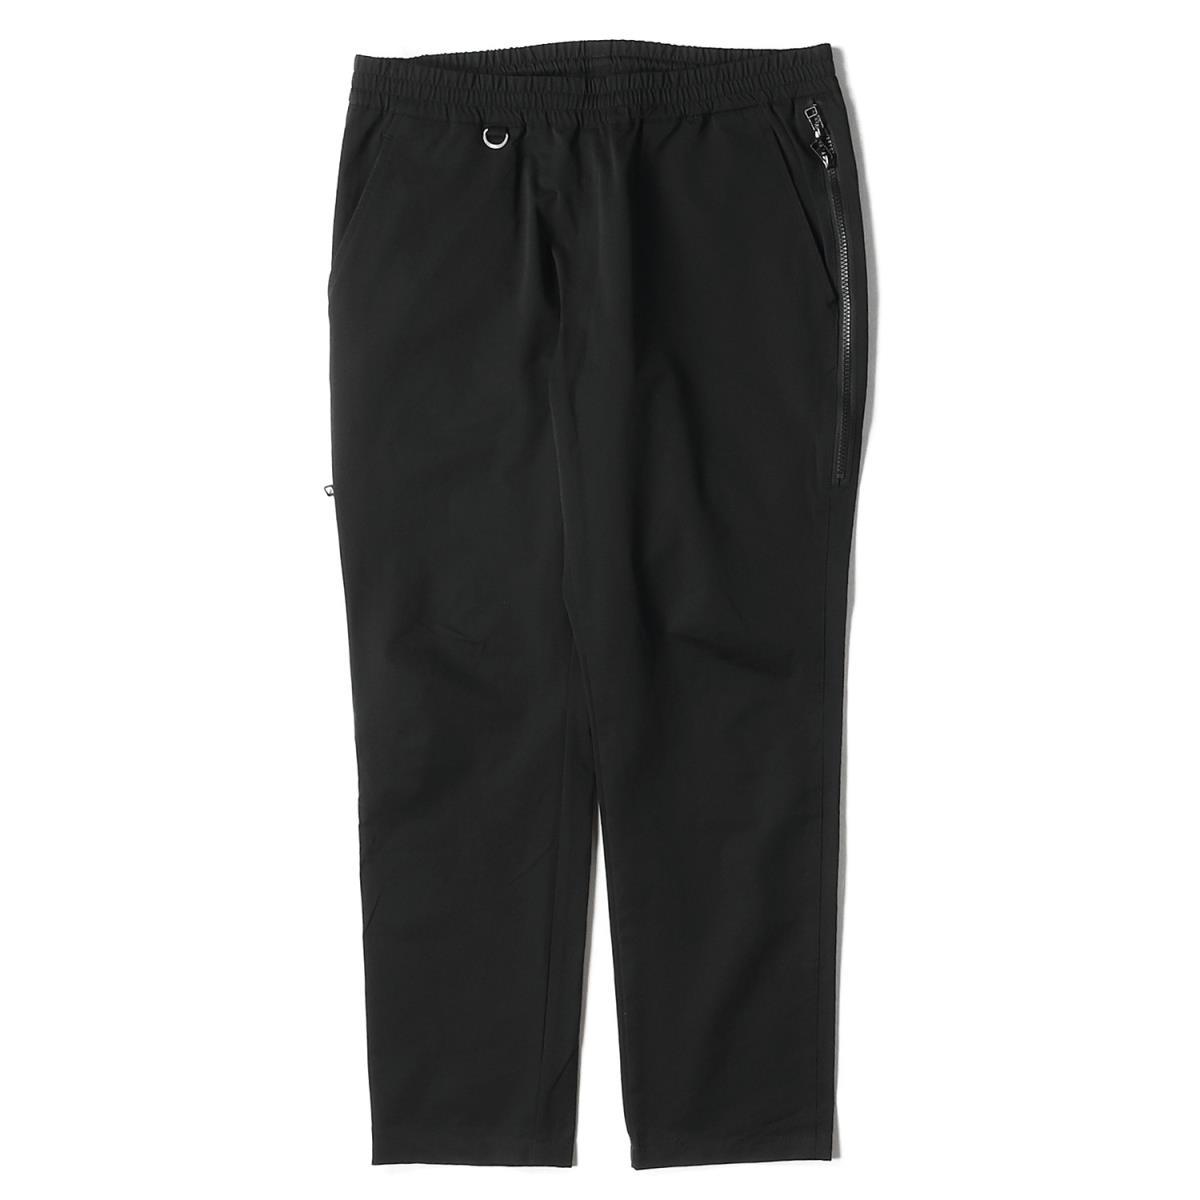 SOPHNET ソフネット パンツ 17AW ベンチレーション イージーパンツ VENTILATION PANT ブラック L 【メンズ】【中古】【K2590】【あす楽☆対応可】